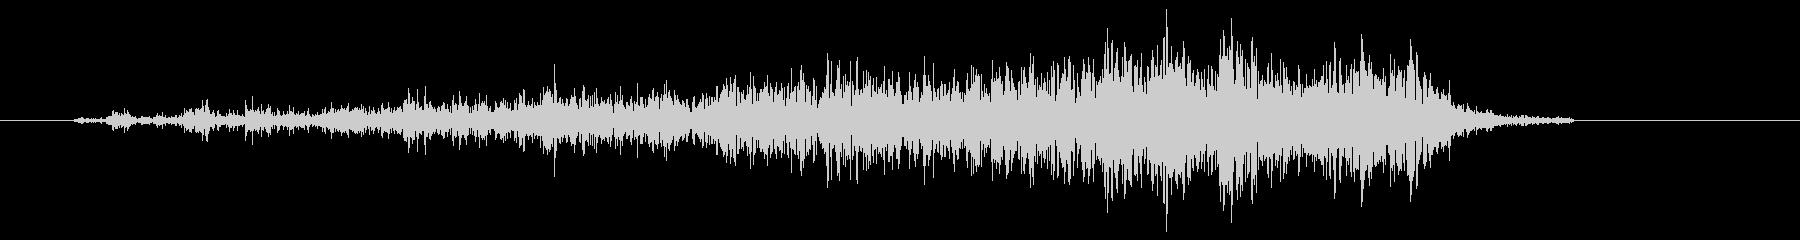 ビリーッ(紙を破く、低め)の未再生の波形